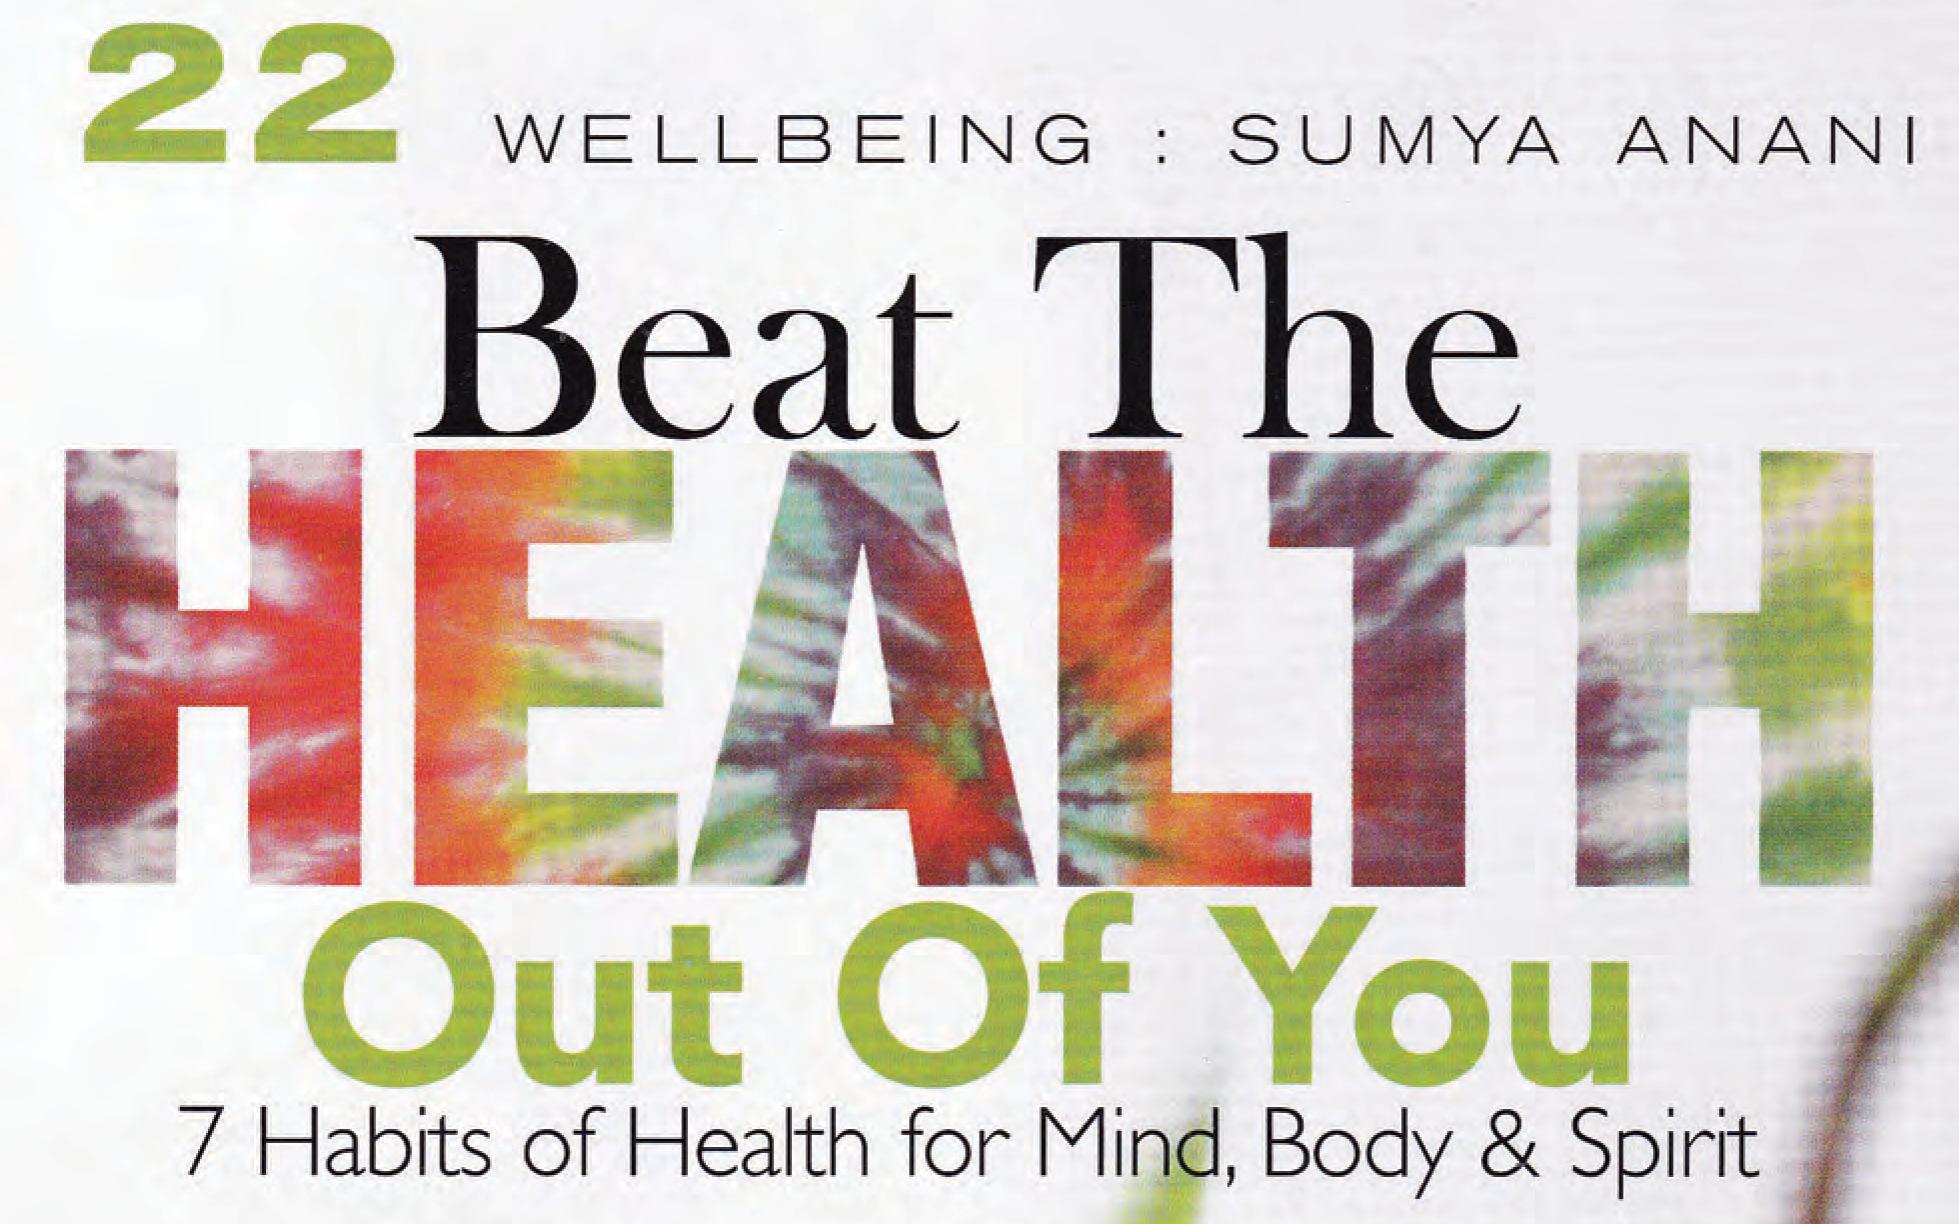 Wellbeing: Sumya Anani